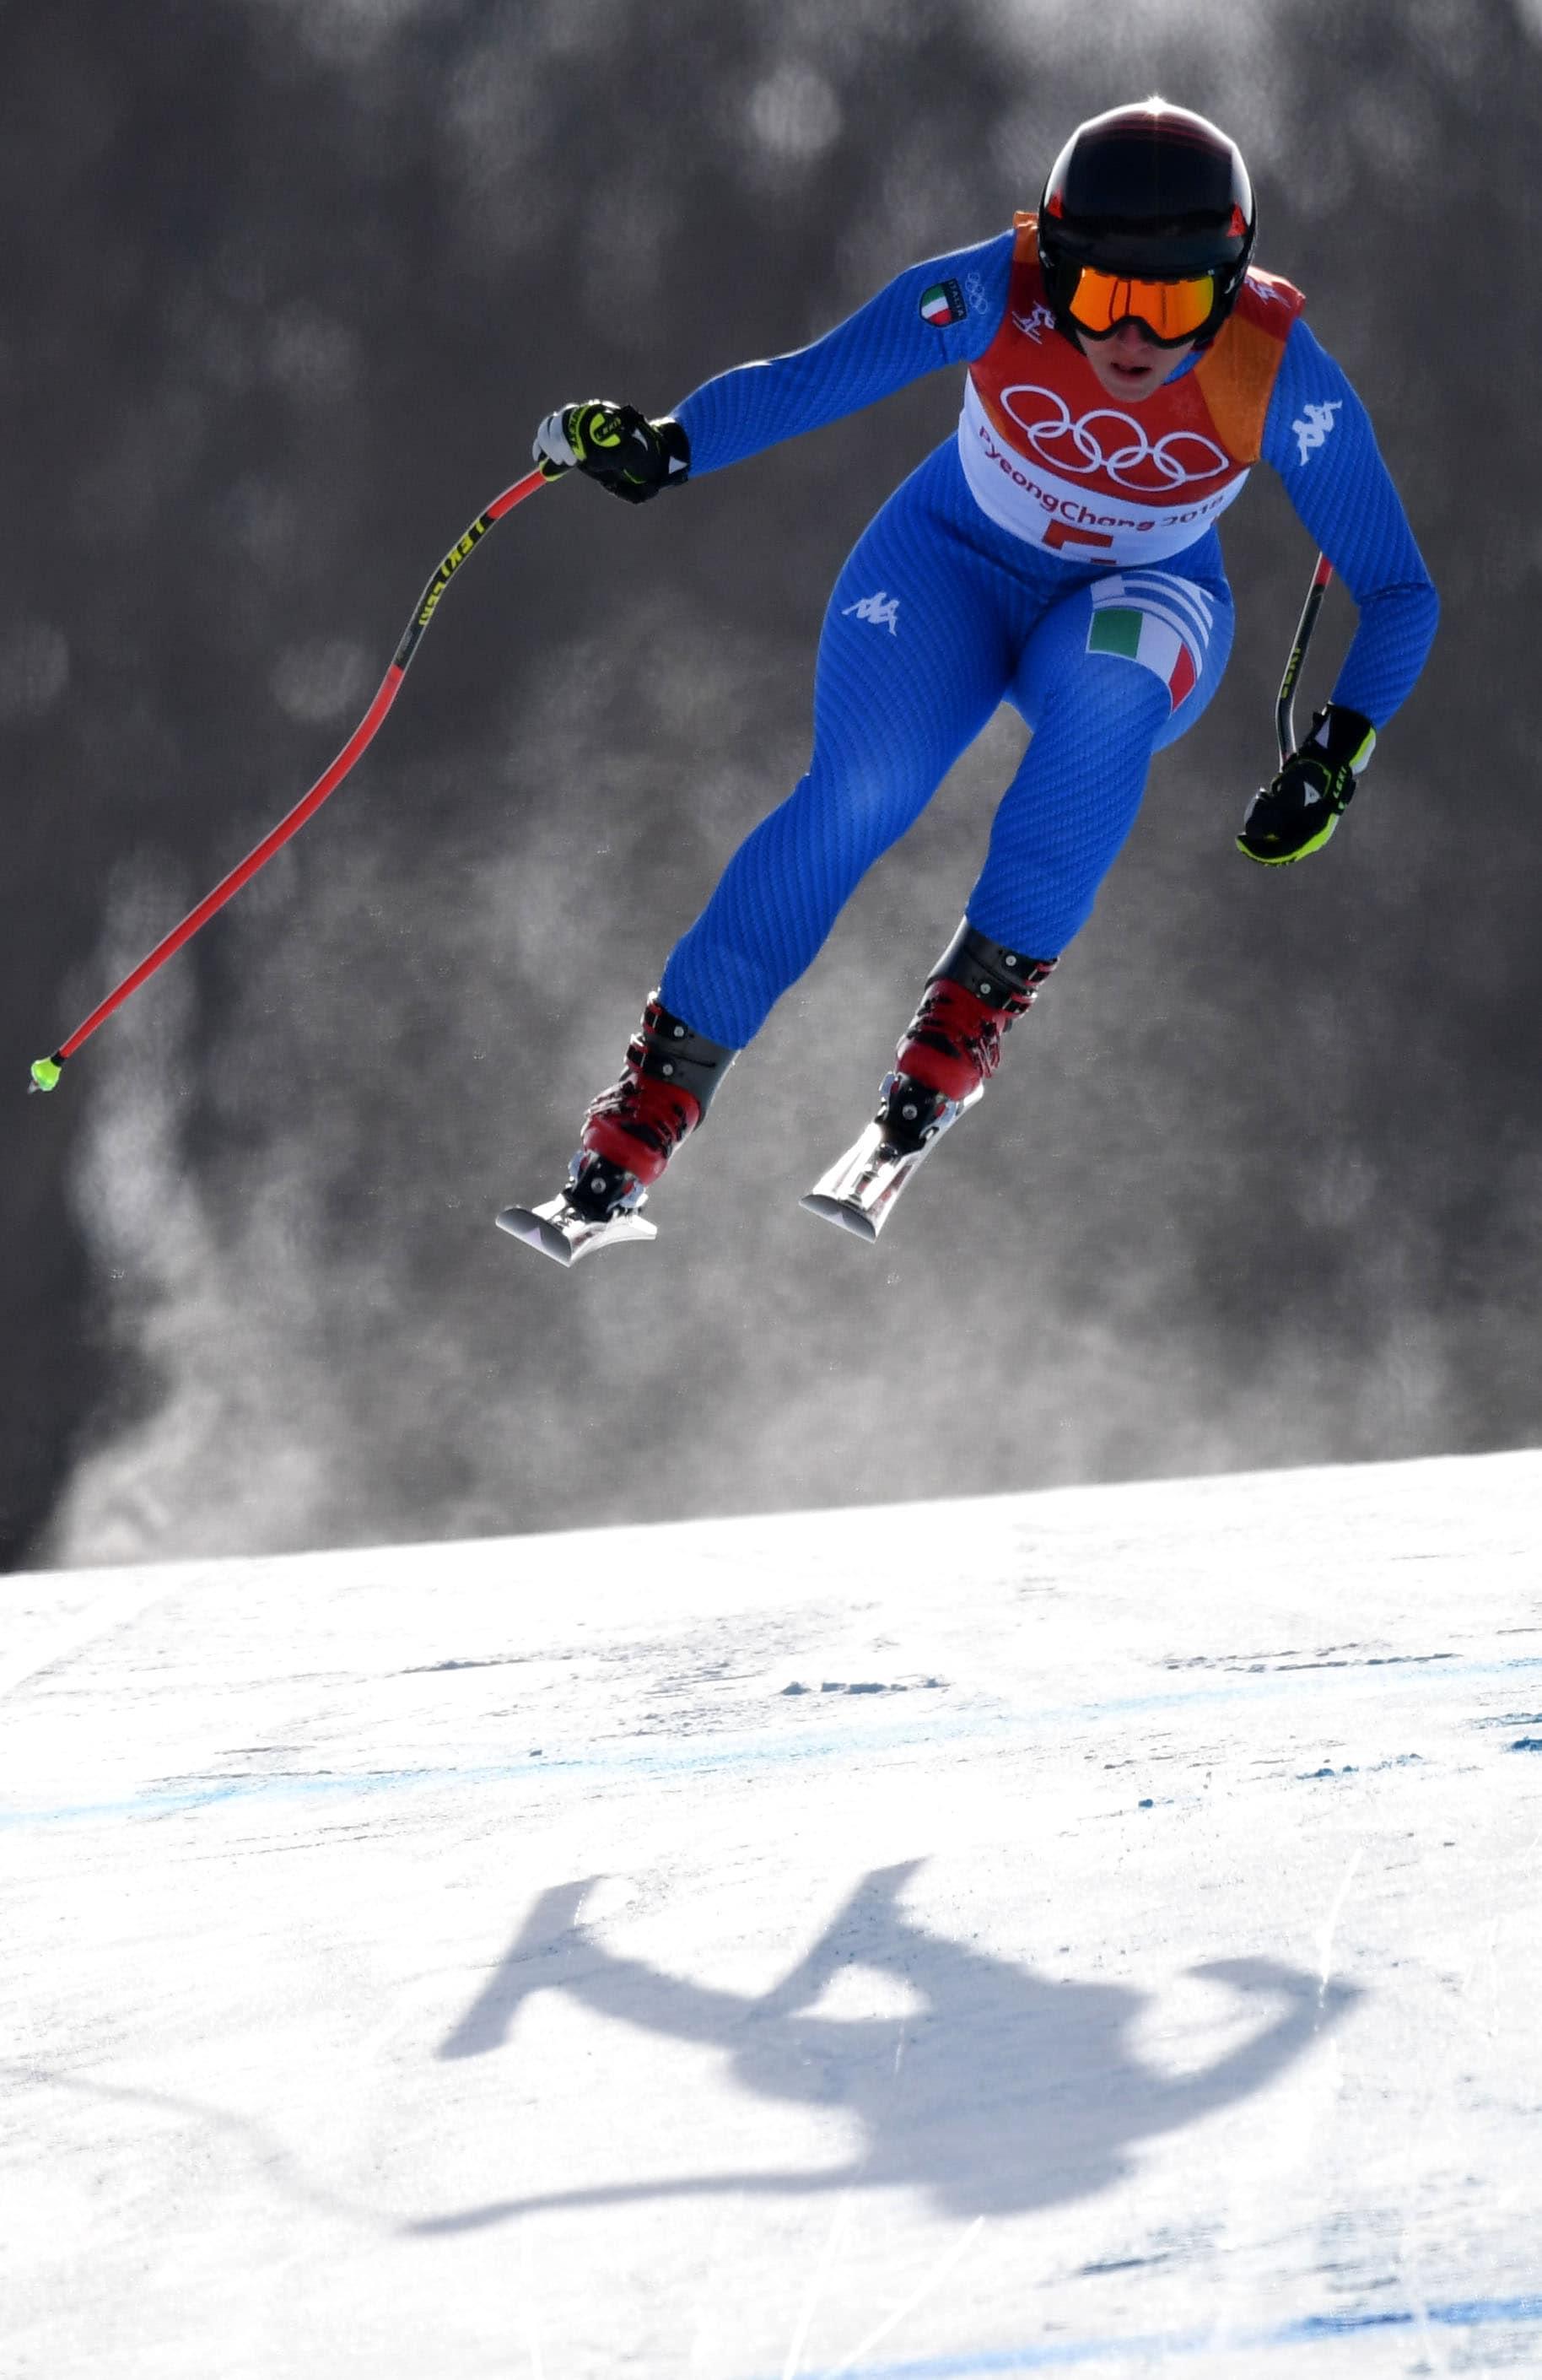 Le foto più belle della sciatrice Sofia Goggia, oro alle Olimpiadi / Image 20